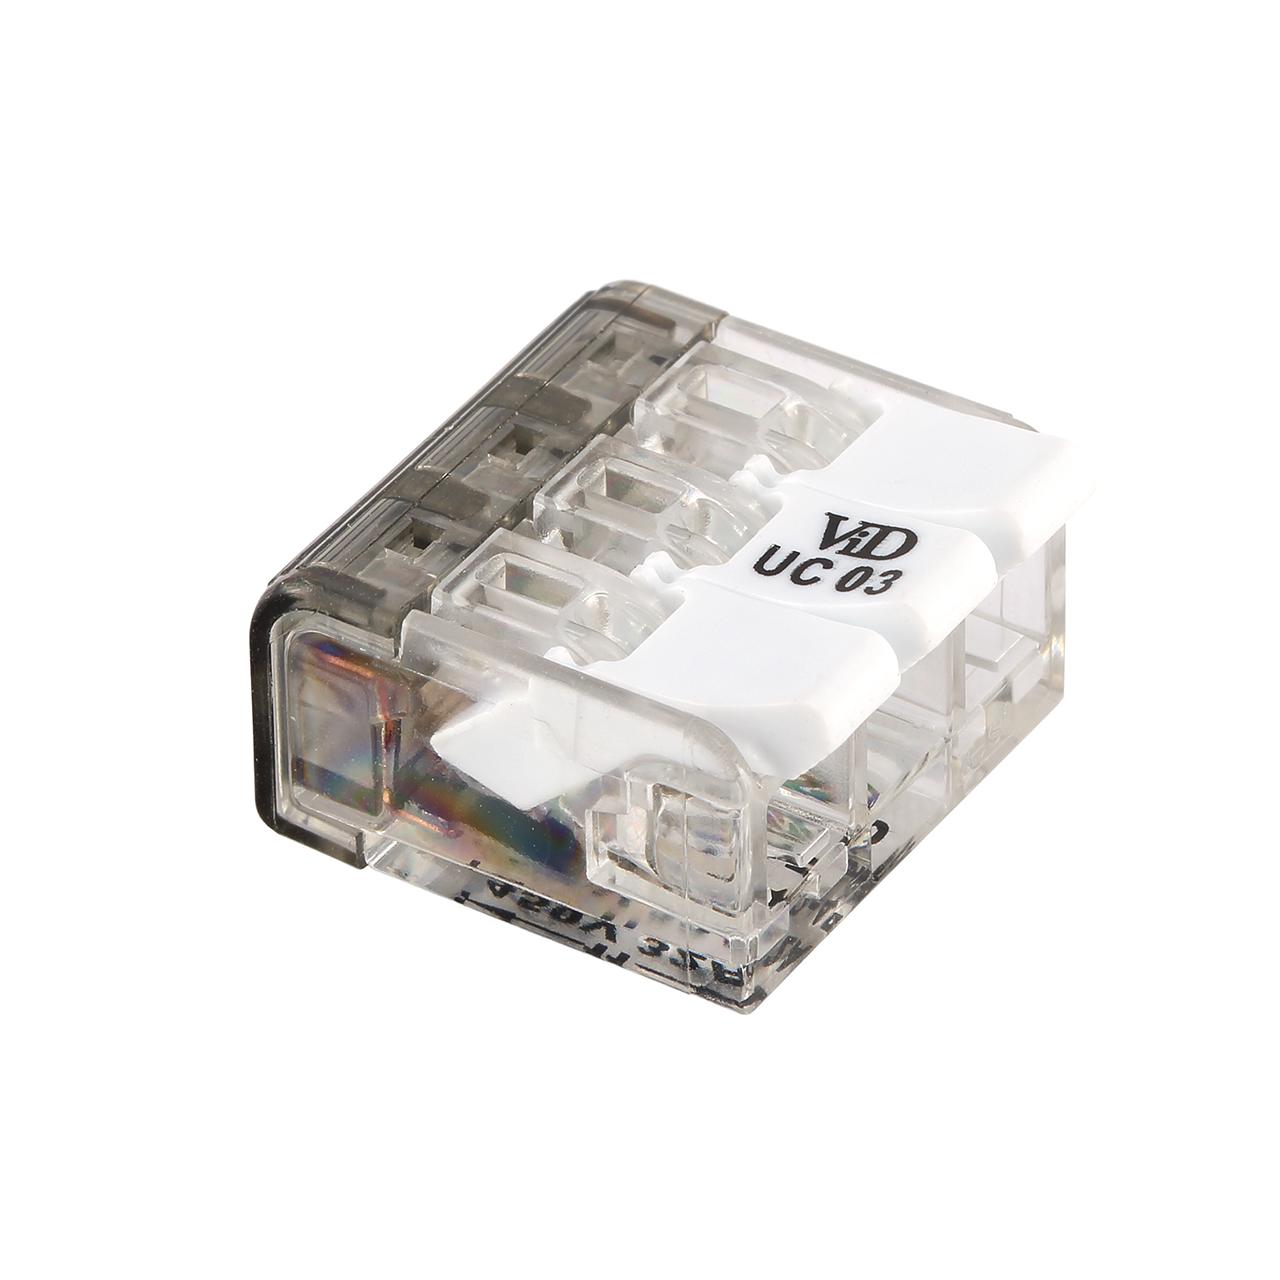 Universele lasklem - 3x 0.2mm tot 4mm - 3 voudig - per 50 stuks